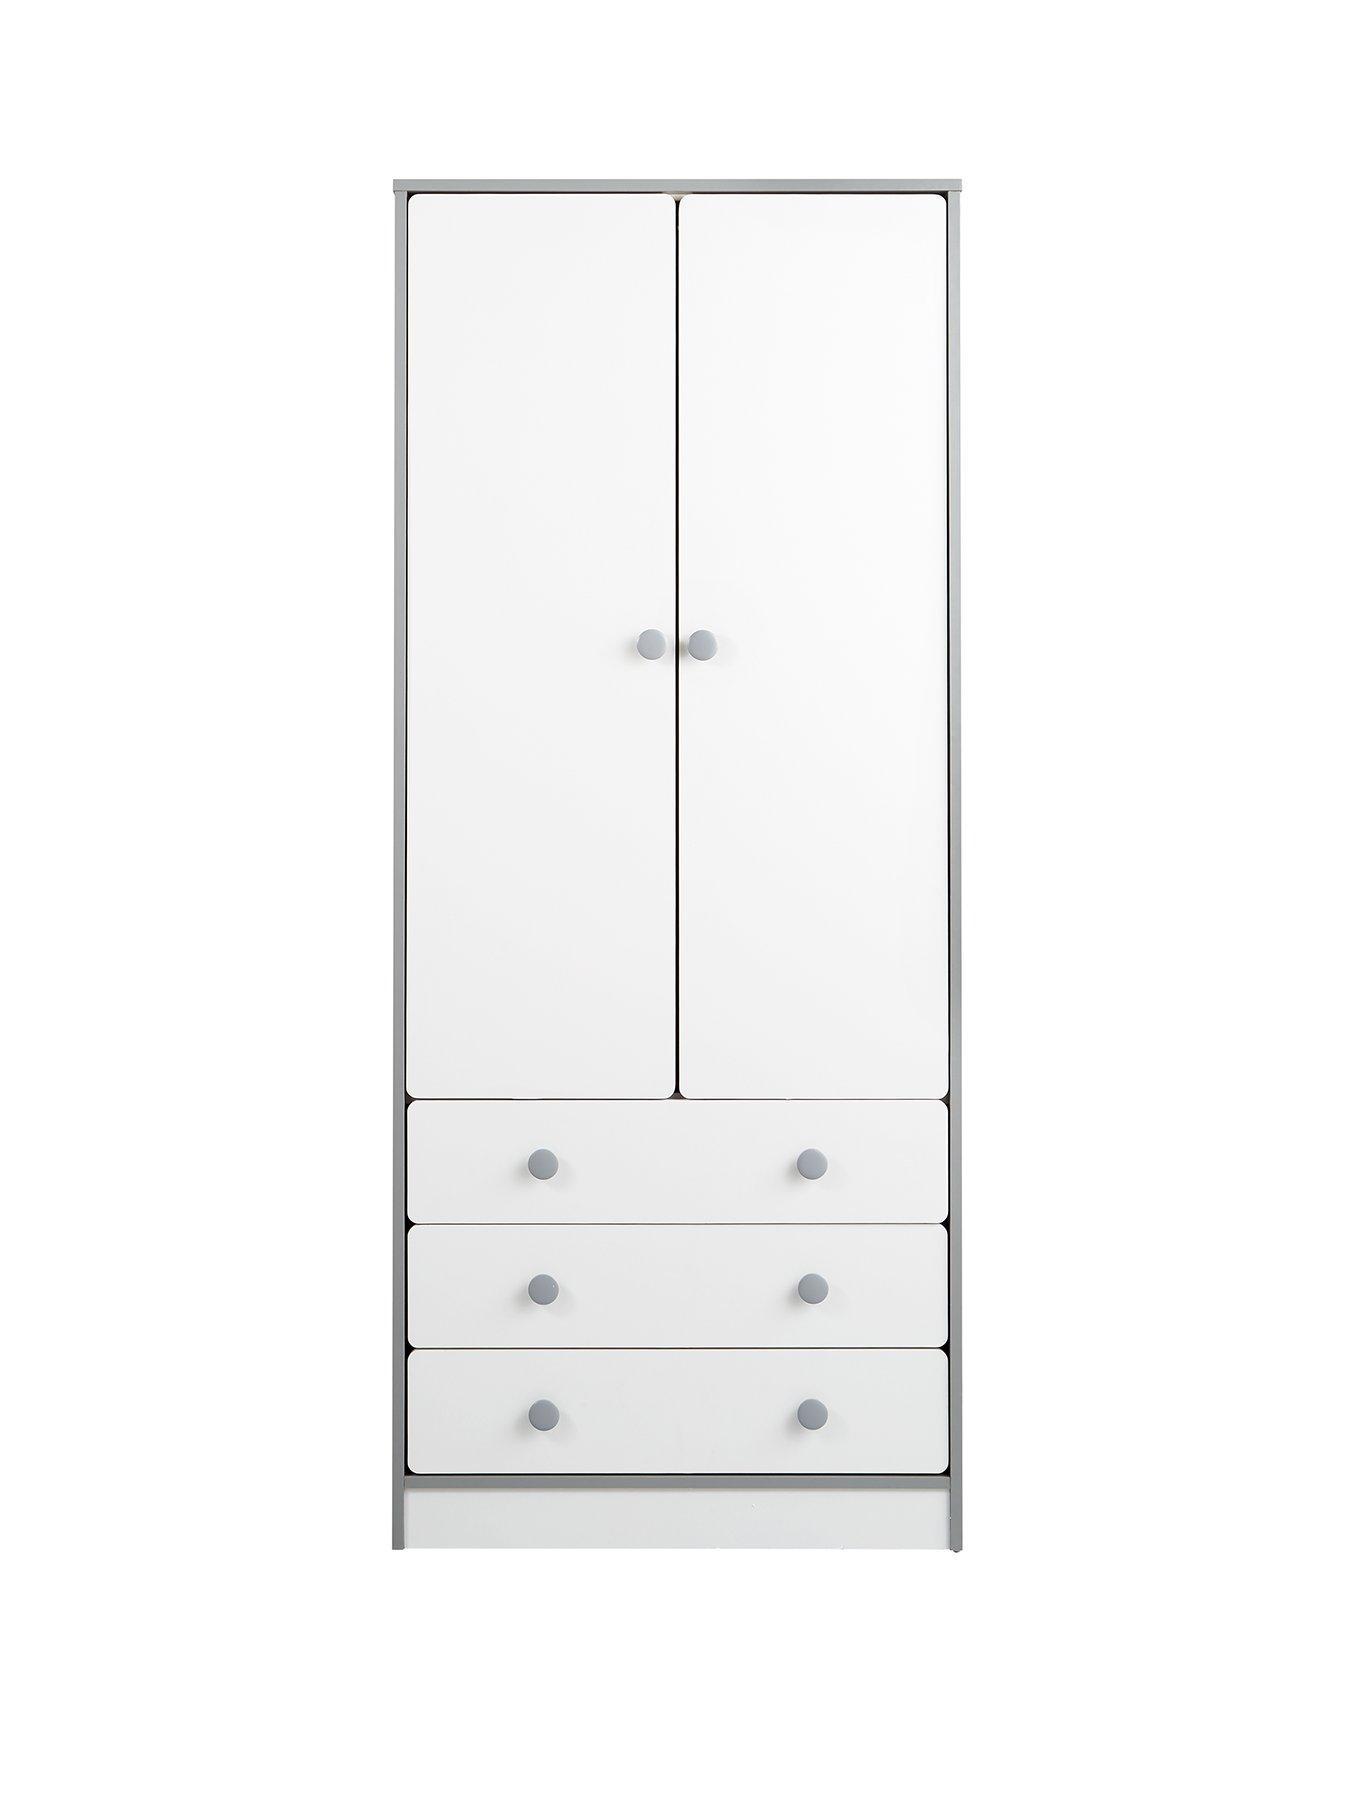 homeware peyton sofa rattan corner set uk 2 door 3 drawer kids wardrobe white grey littlewoods com